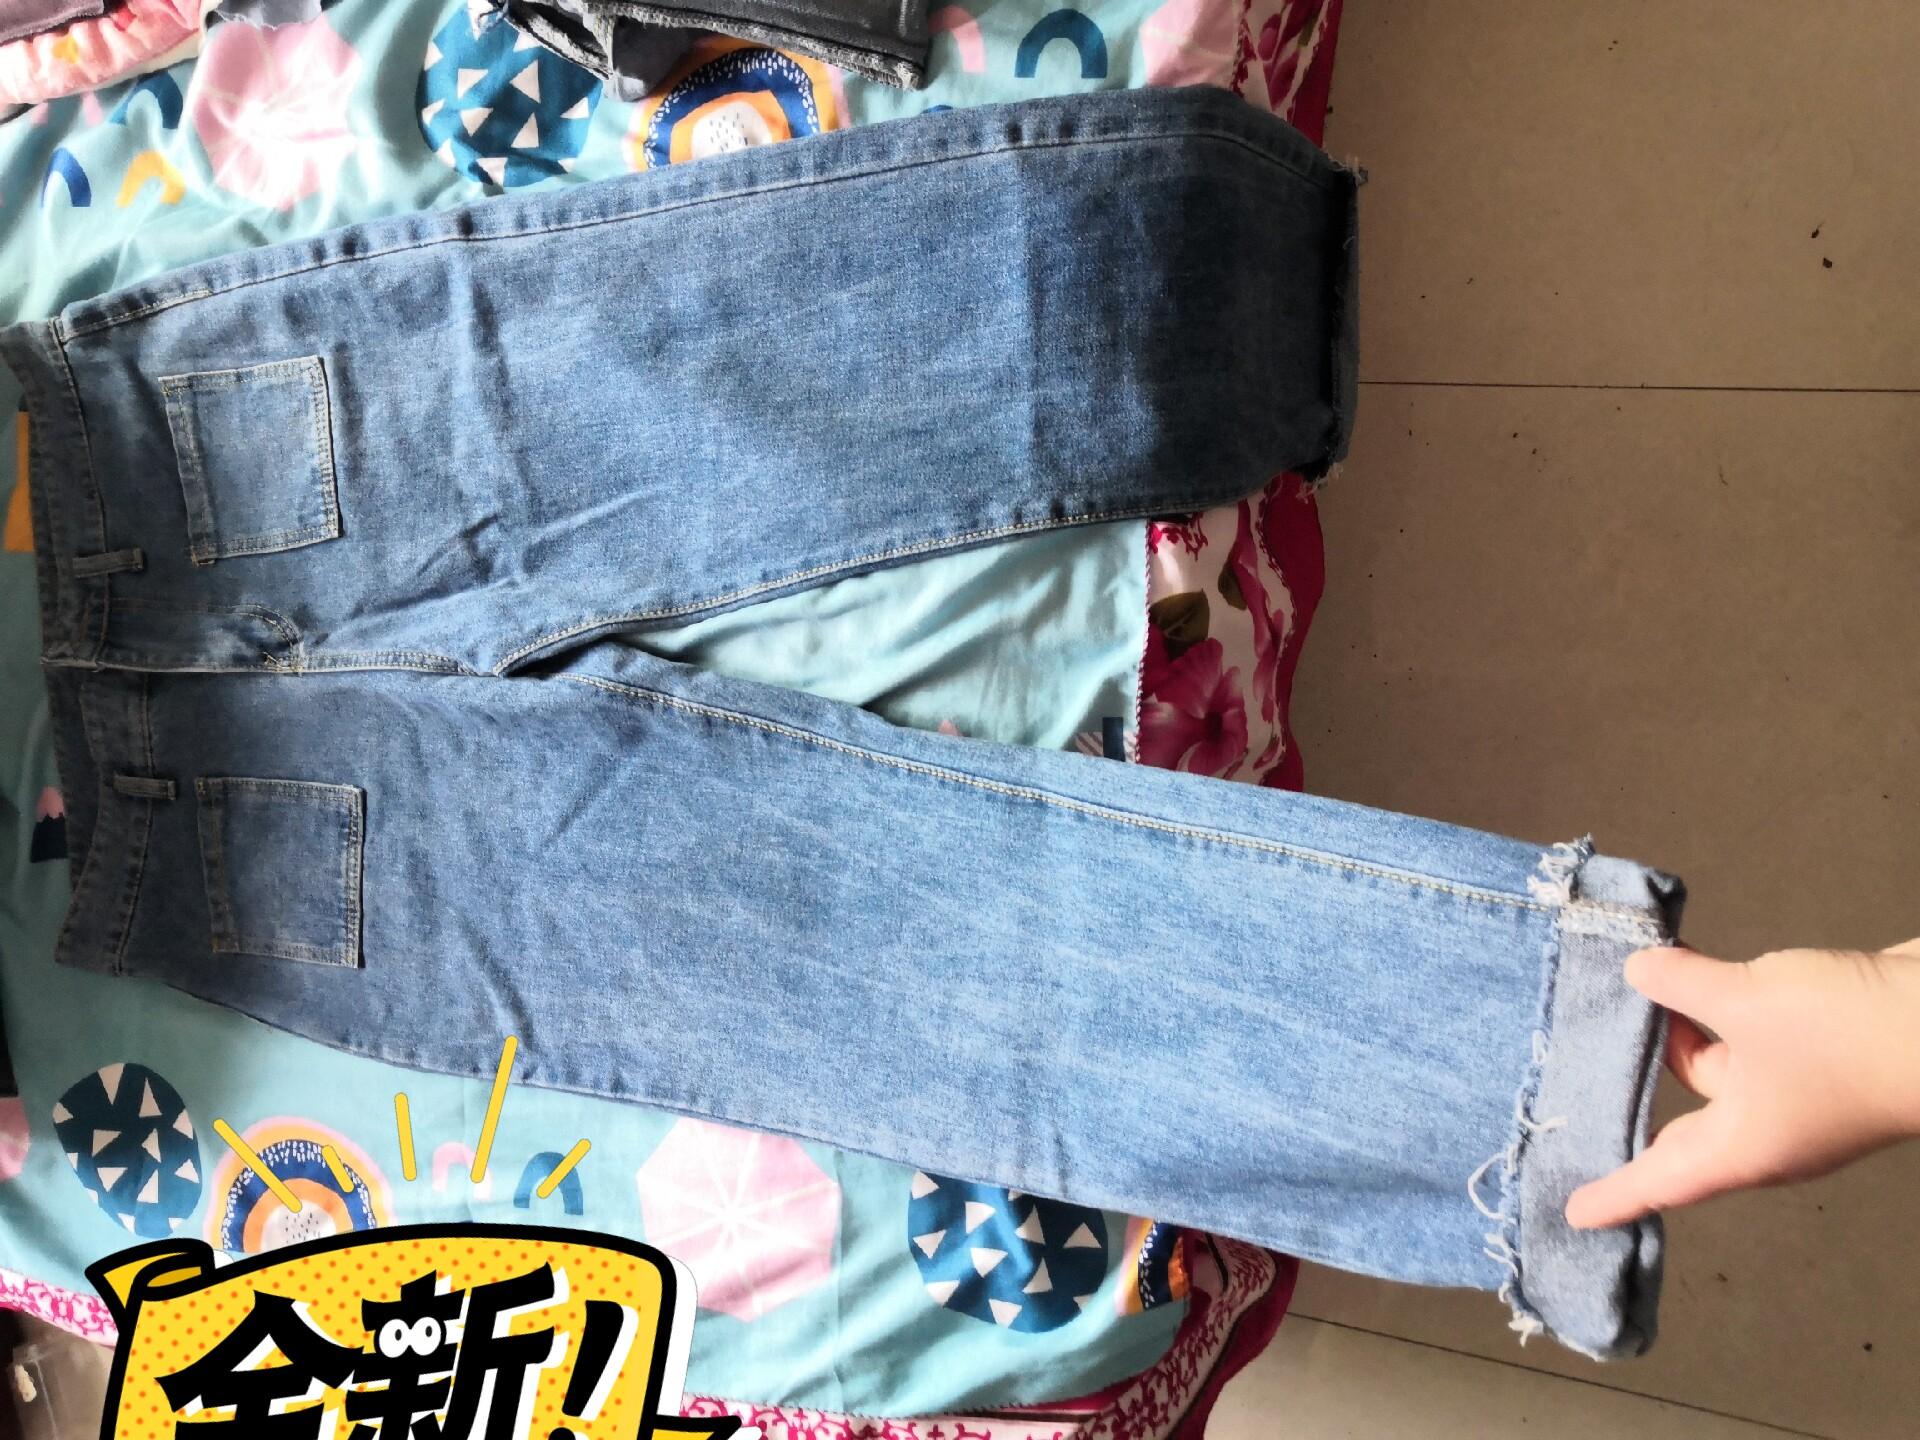 牛仔阔腿裤全新,在实体店89的,买了一直没穿过,试了一下穿不